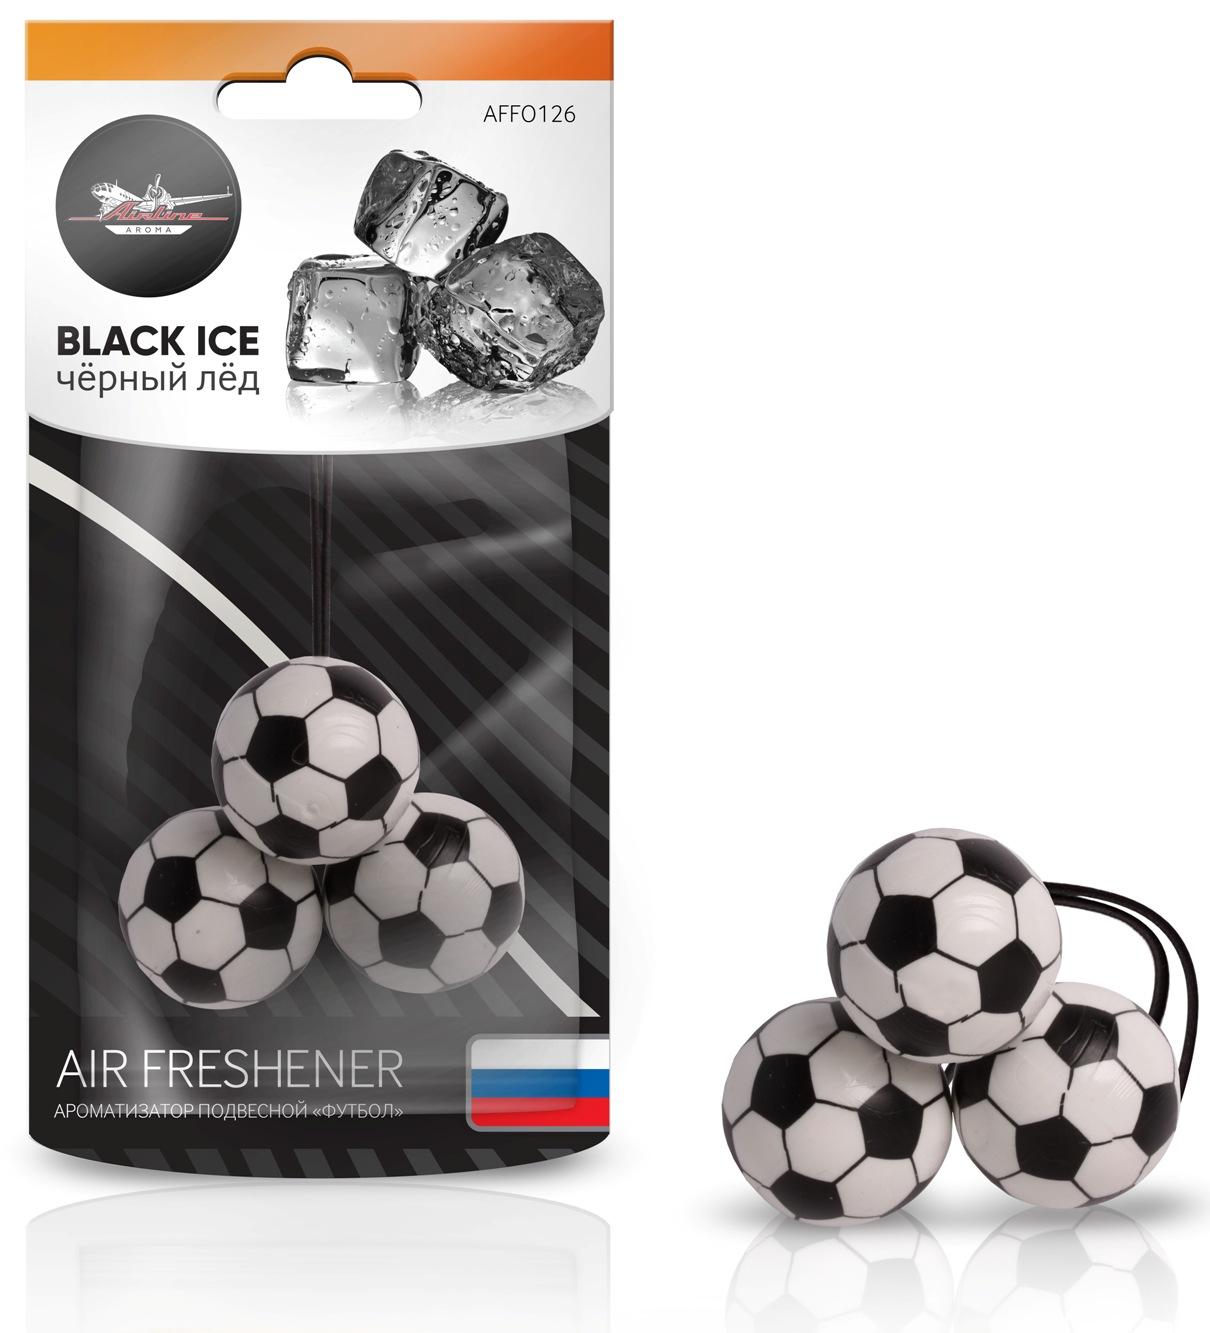 Ароматизатор подвесной Футбол черный лед (AFFO126)